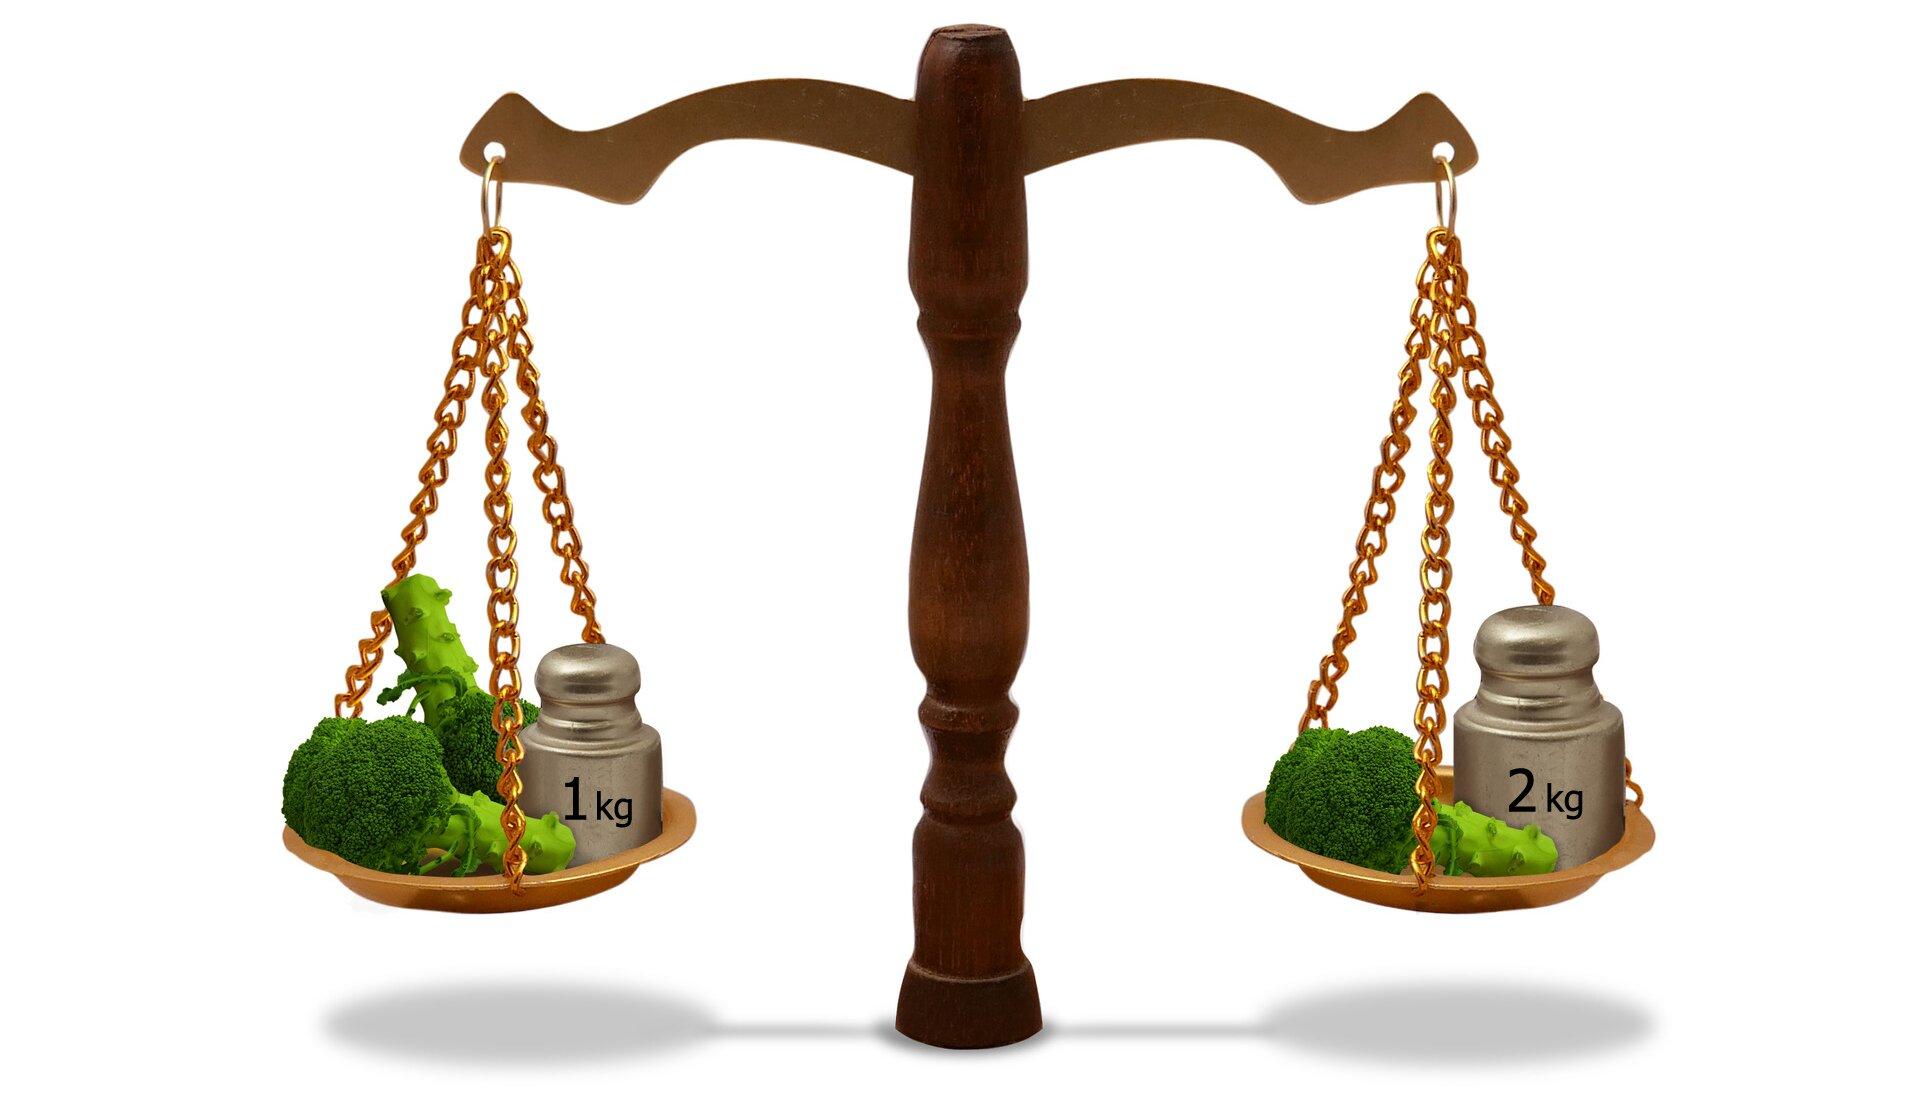 Rysunek wagi szalkowej. Na jednej szalce 2 brokuły iodważnik 1 kg, na drugiej 1 brokuł iodważnik 2 kg.